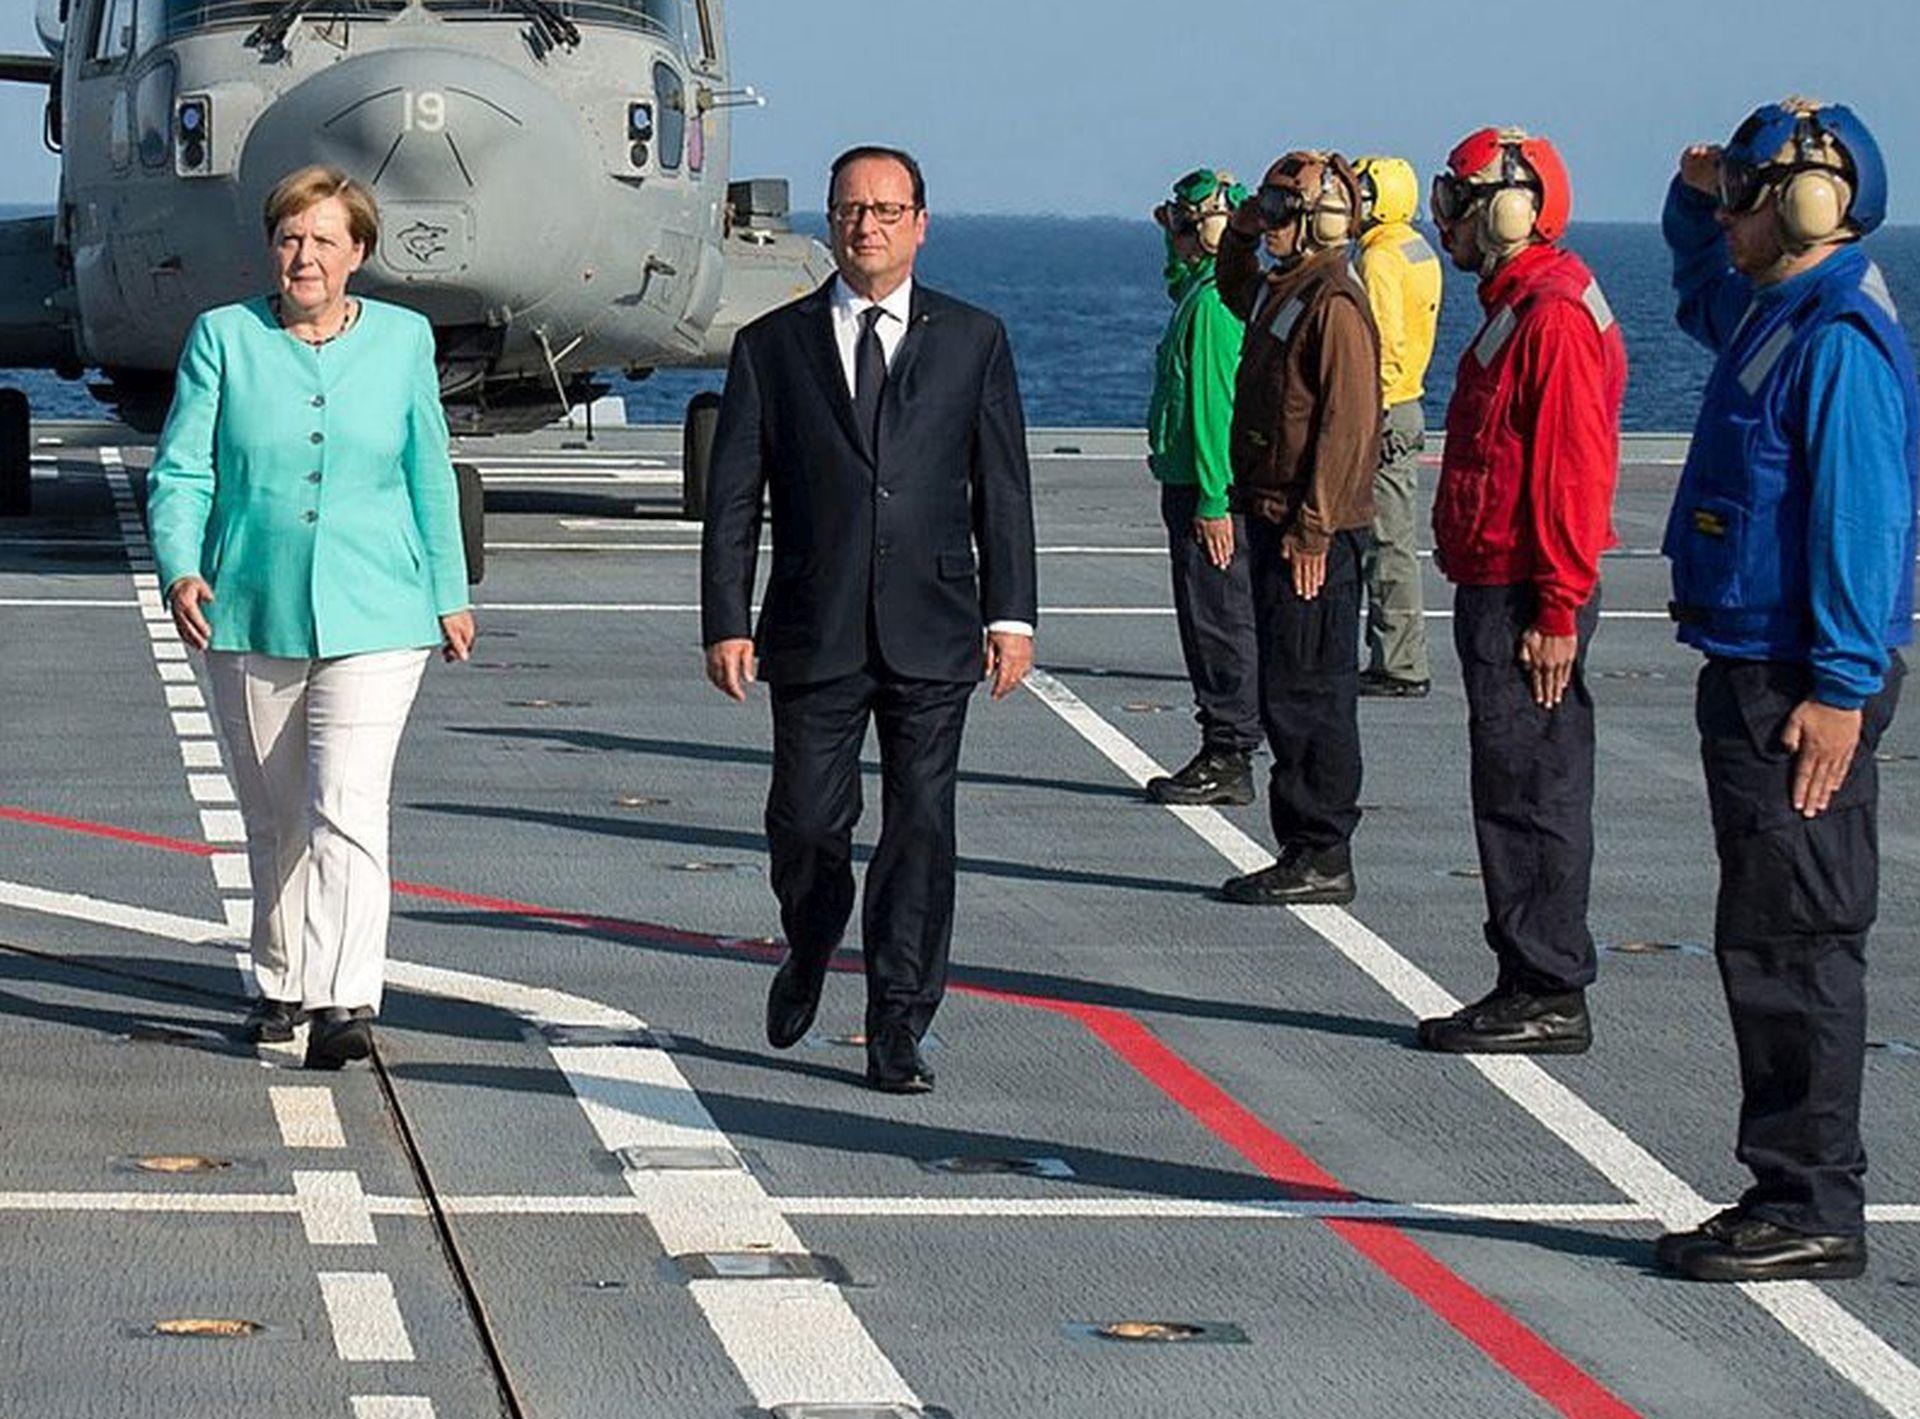 ZAJEDNIČKO PRIOPĆENJE: Merkel i Hollande zabrinuti zbog stanja u istočnoj Ukrajini